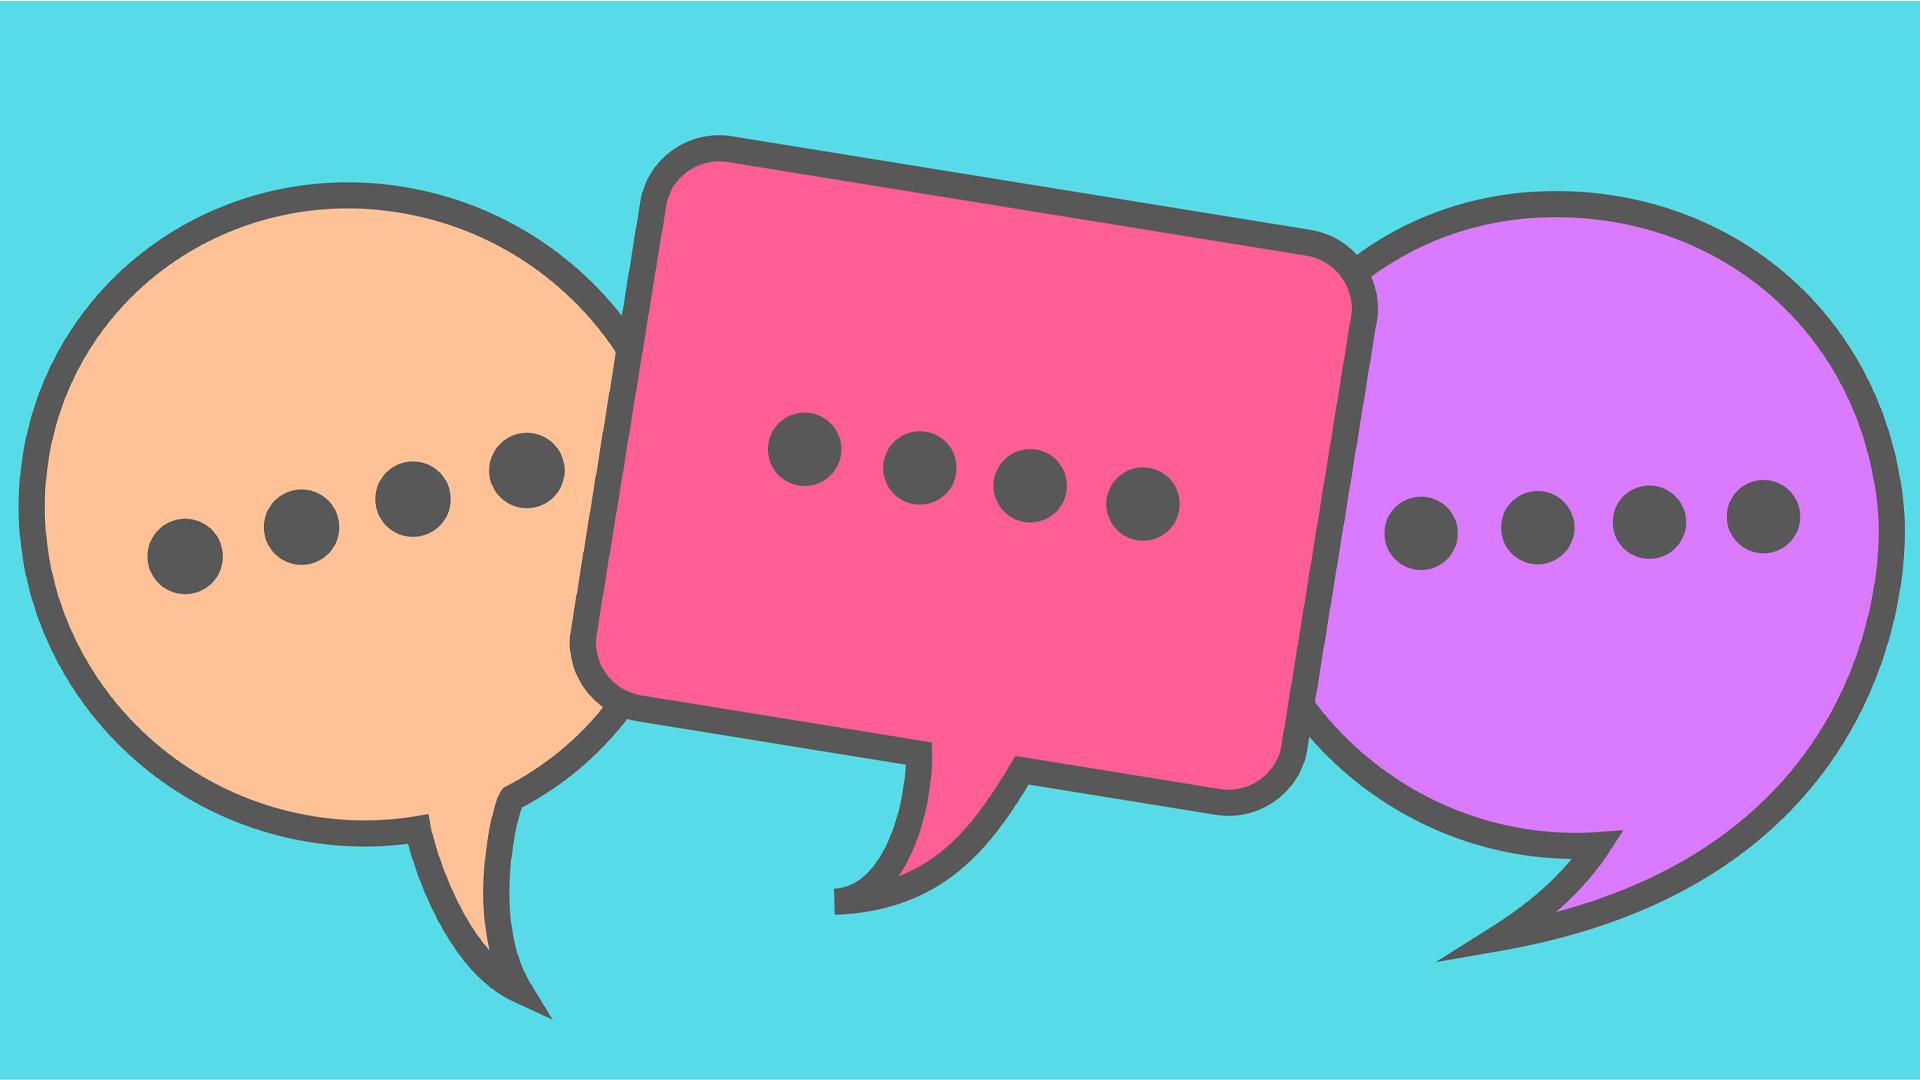 Yalova Mobile sesli görüntülü sohbet